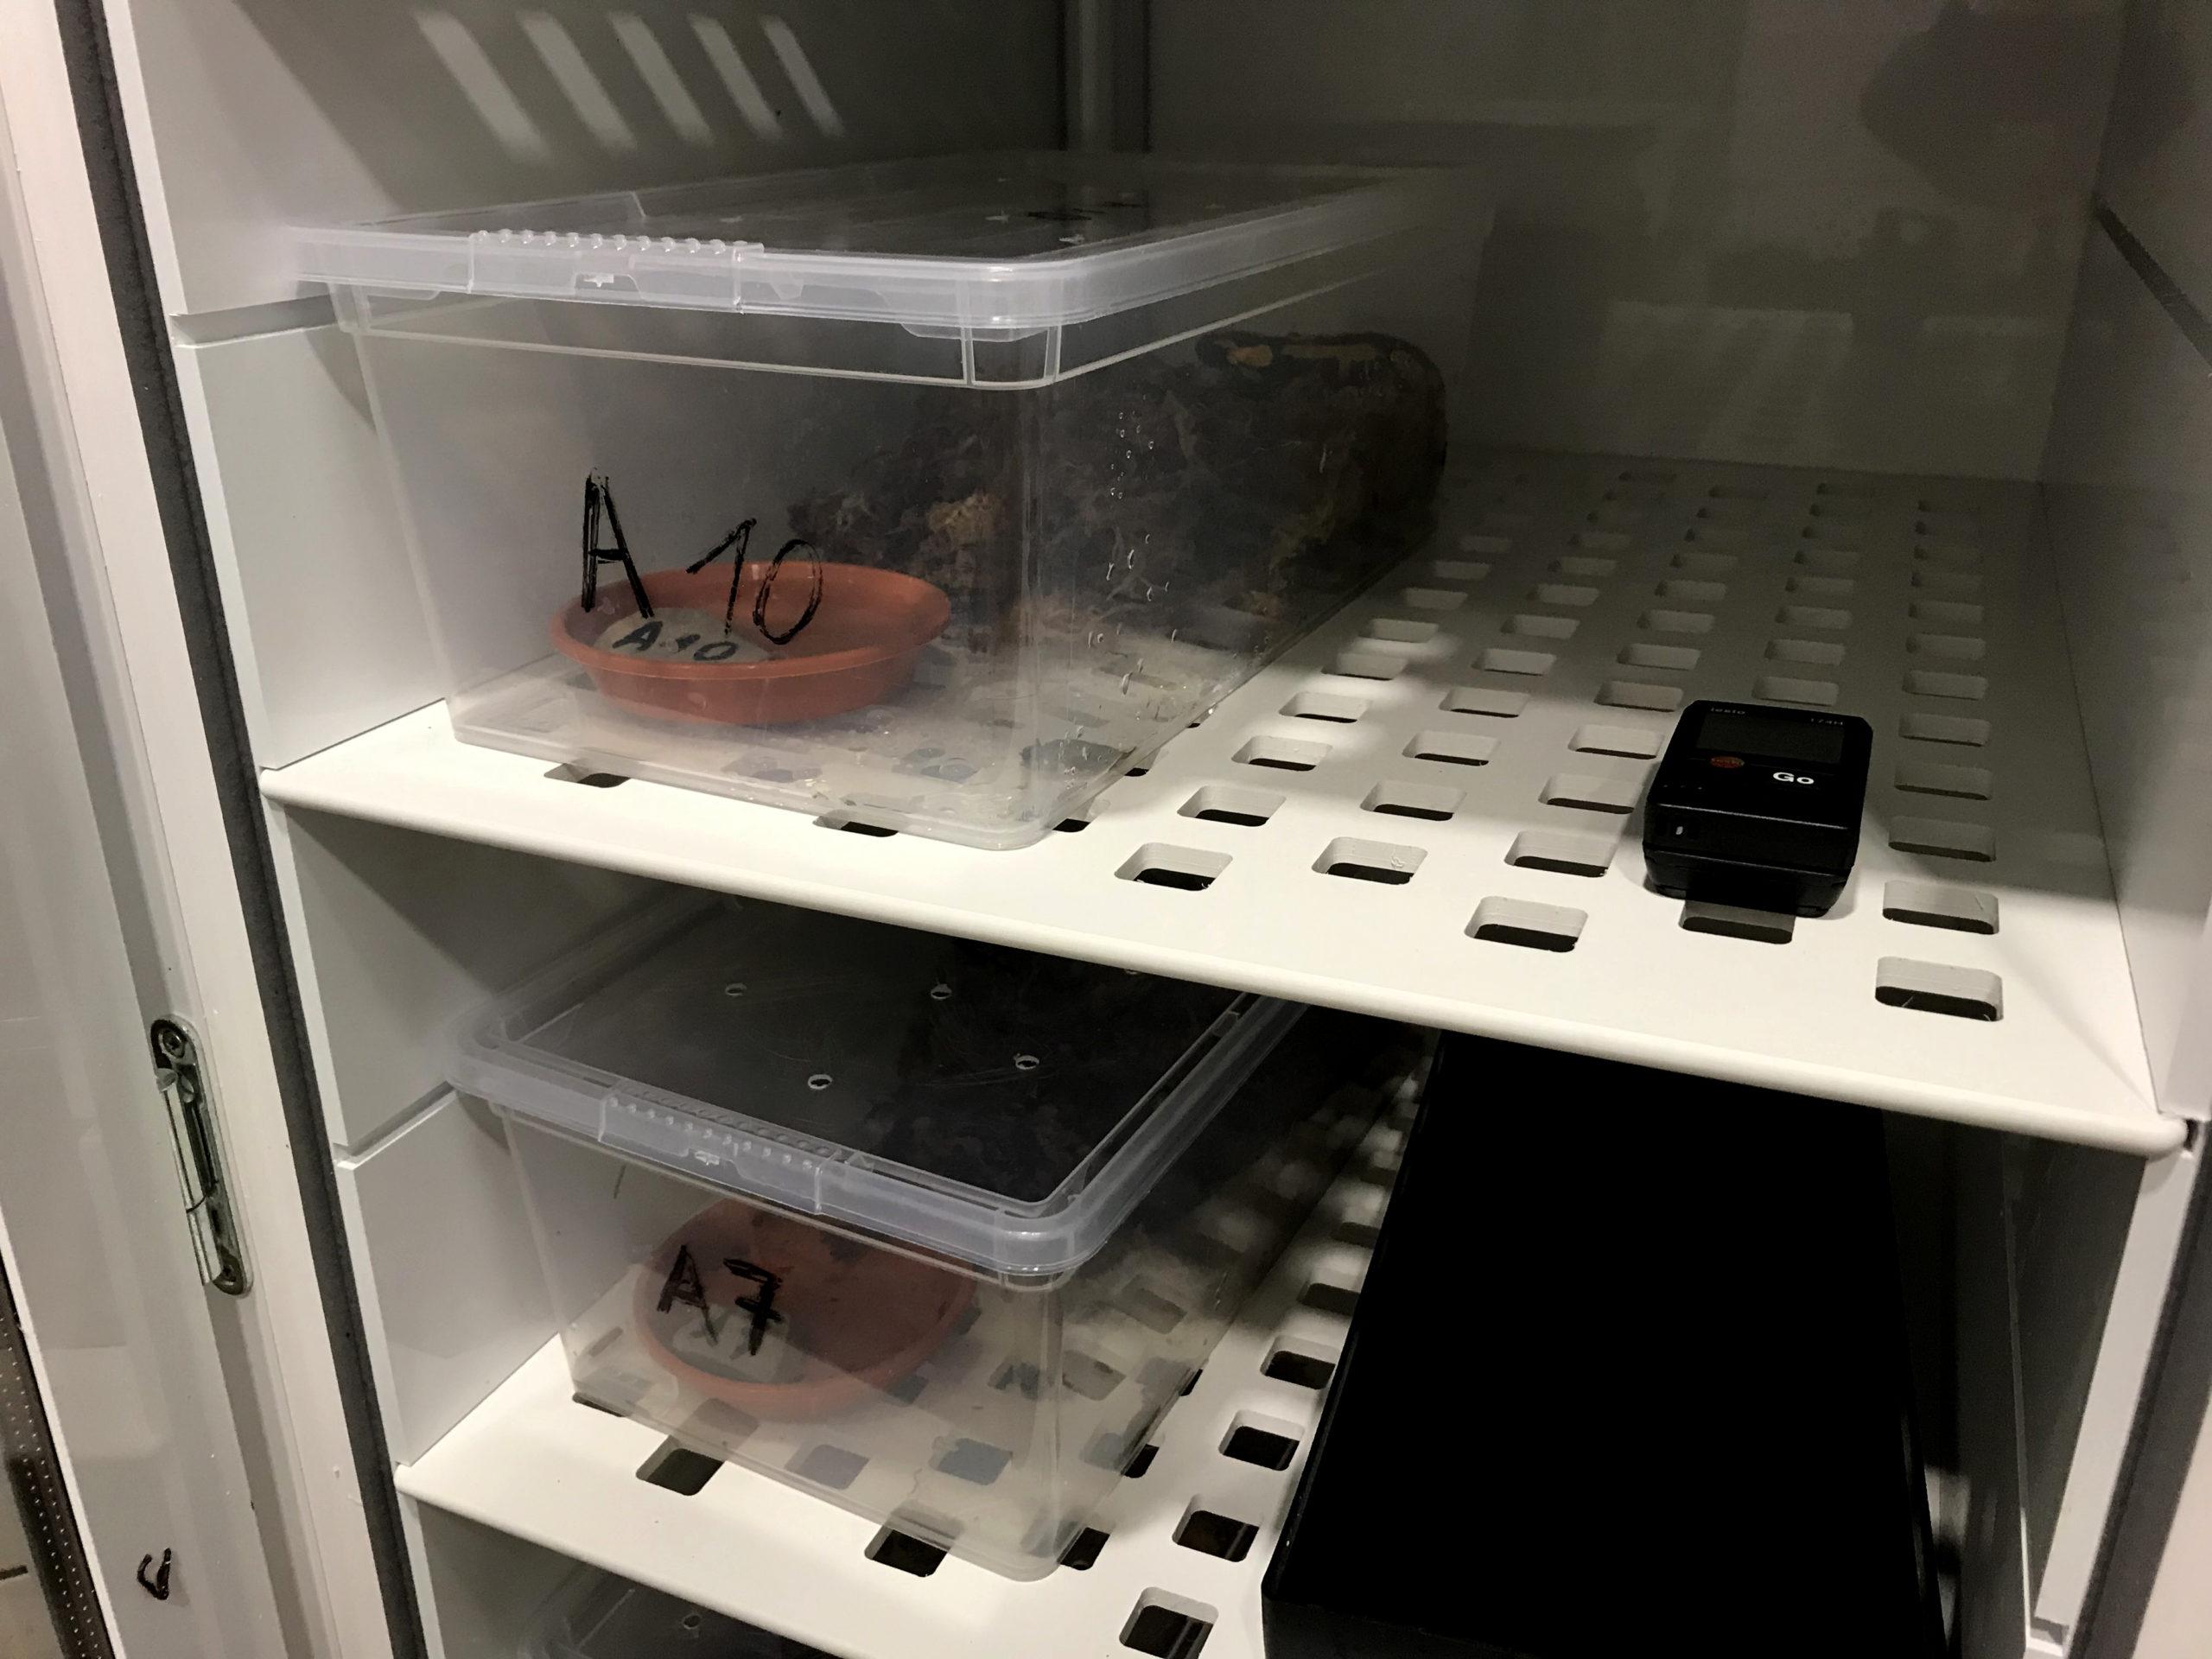 Blick in den Wärmeschrank in dem die Tiere die ersten zwei Wochen bei 25 °C gegen Bsal behandelt wurden. Die bei Feuersalamandern sonst übliche Überwinterung musste dieses Jahr für die schwarz-gelben Patienten ausfallen, was jedoch keine negativen Effekte nach sich zog. | J. Beckmann